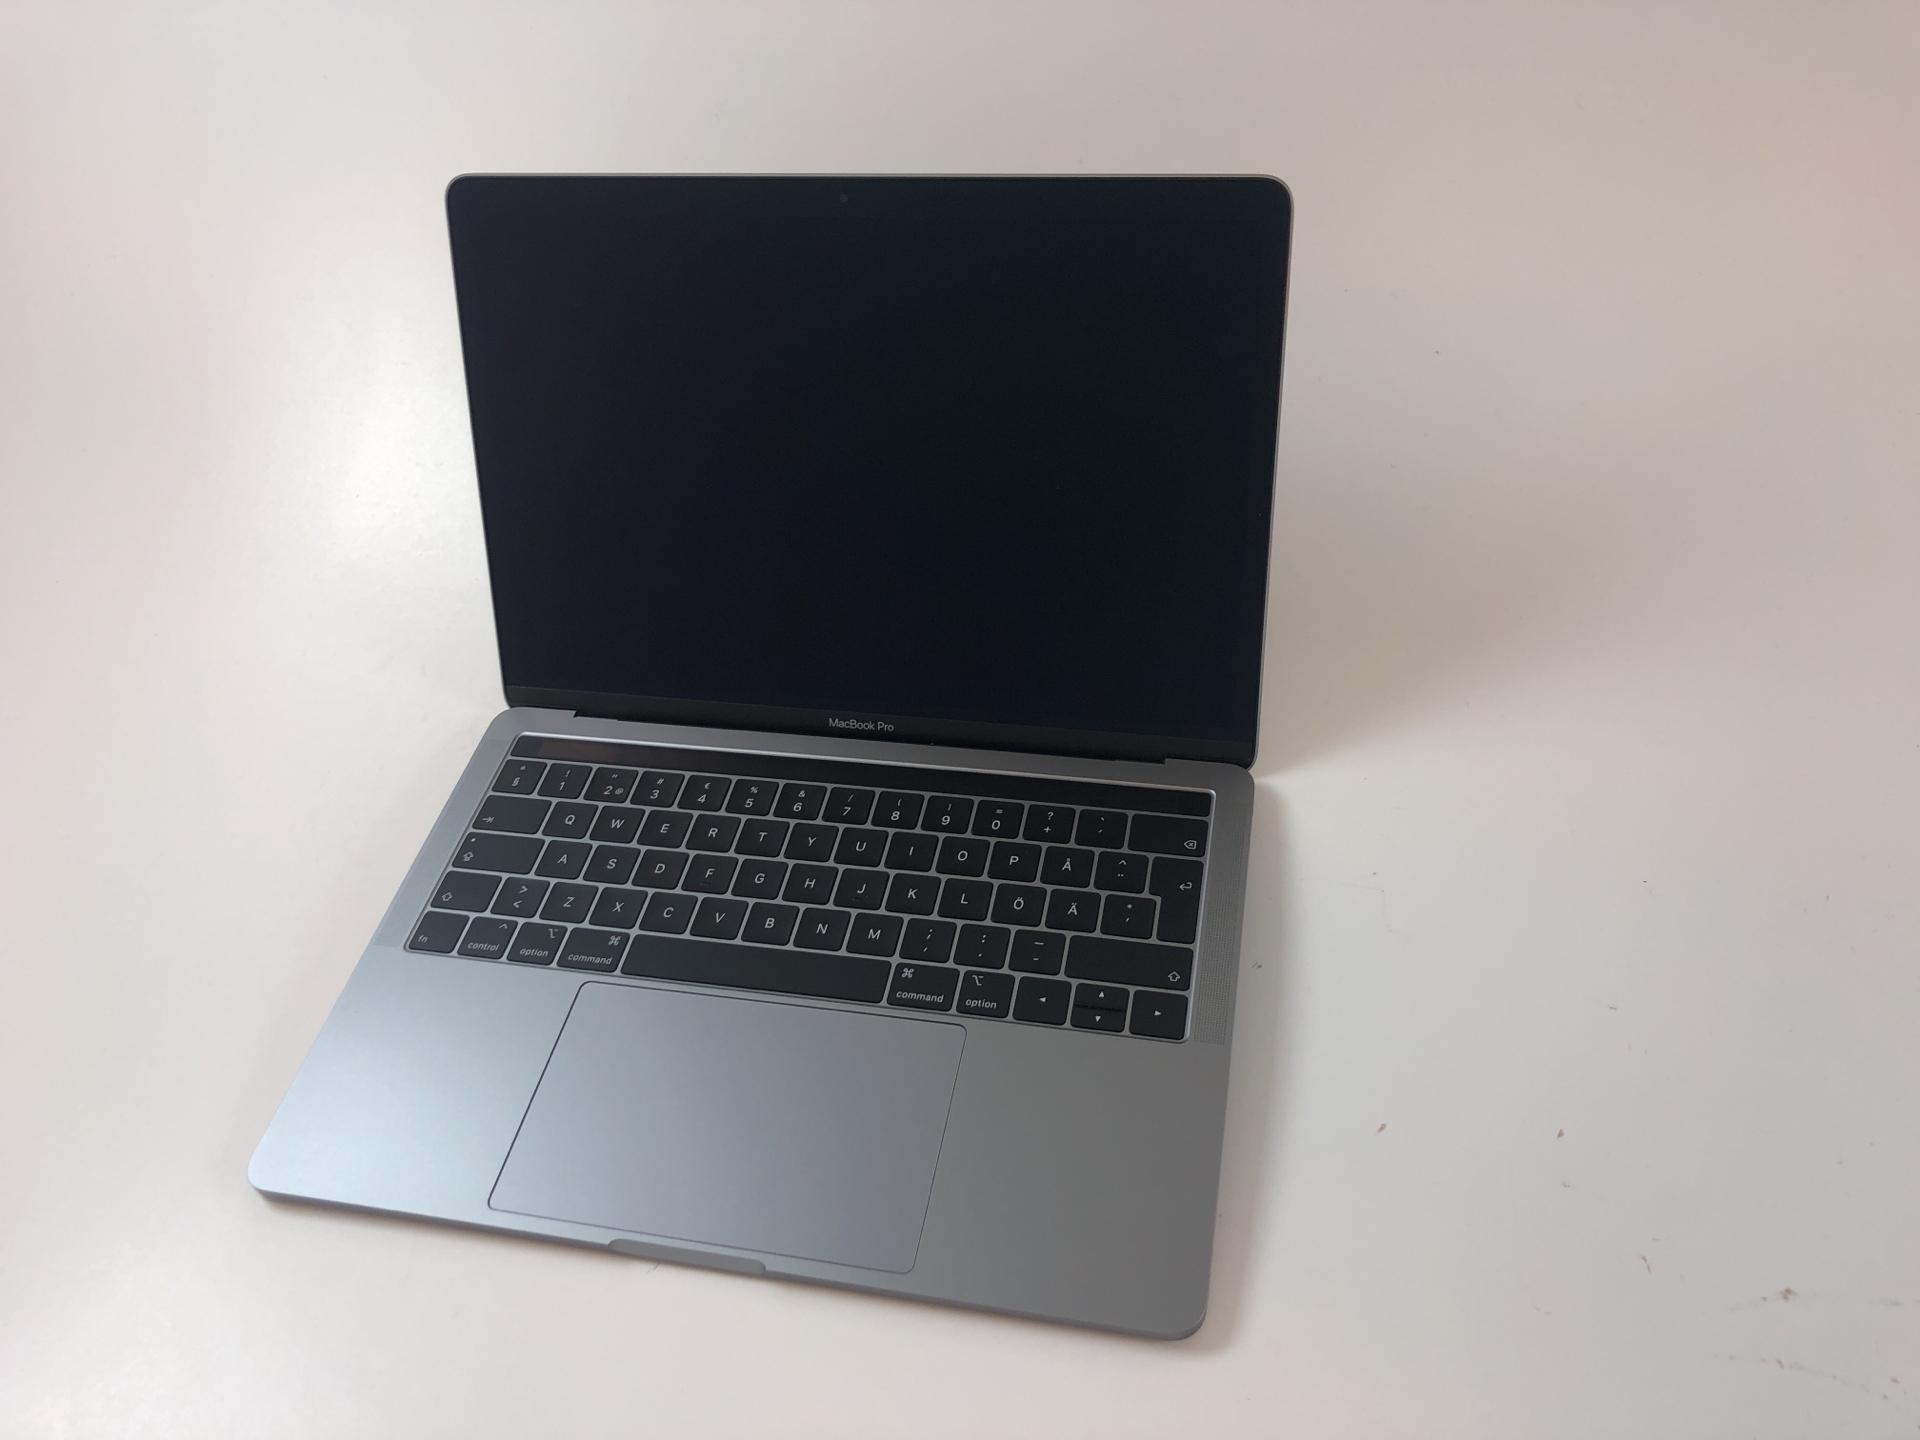 """MacBook Pro 13"""" 2TBT Mid 2019 (Intel Quad-Core i5 1.4 GHz 8 GB RAM 256 GB SSD), Space Gray, Intel Quad-Core i5 1.4 GHz, 8 GB RAM, 256 GB SSD, Kuva 1"""